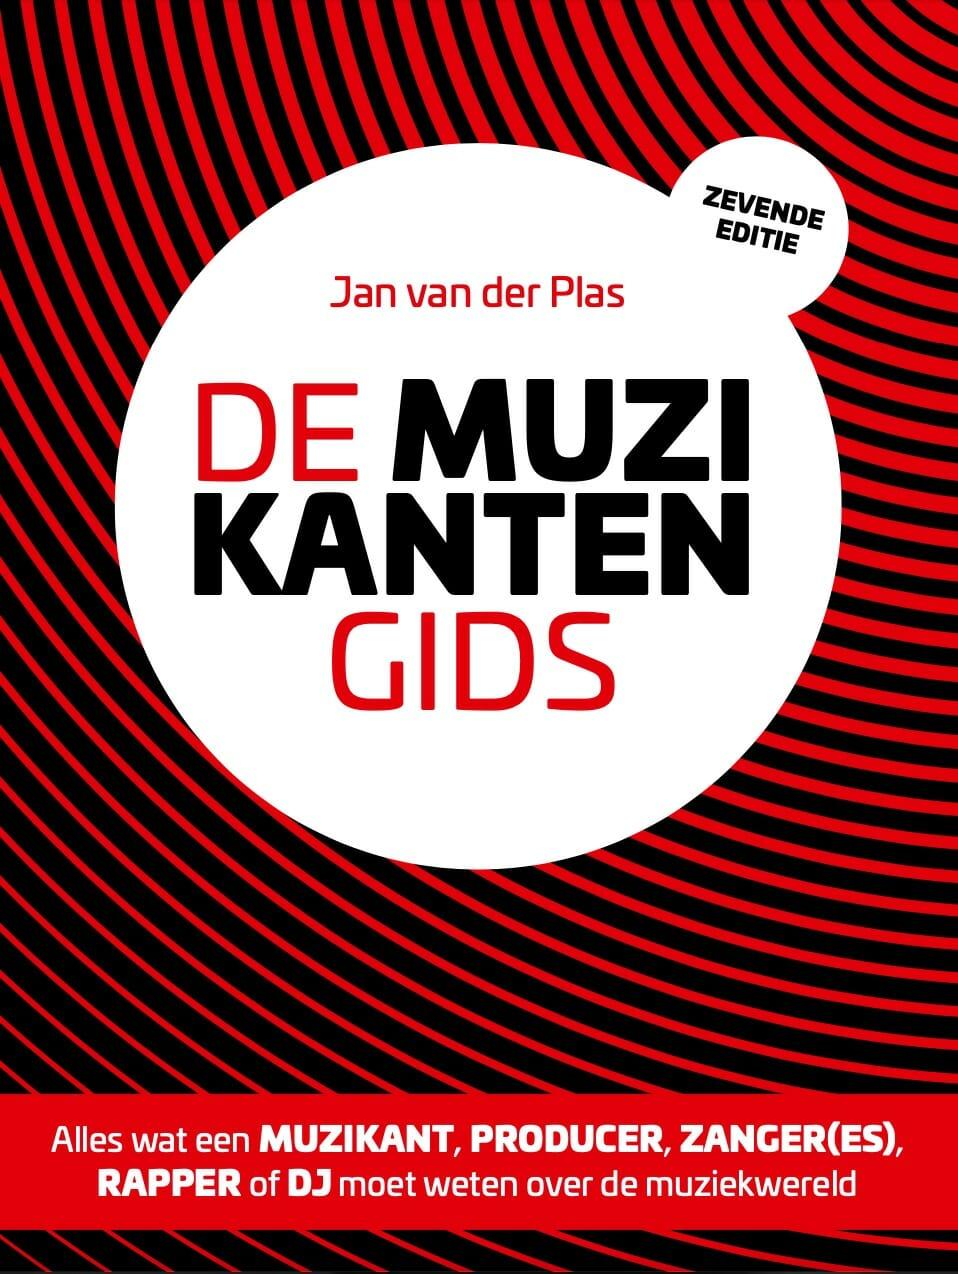 De Muzikantengids t.w.v. 28,90